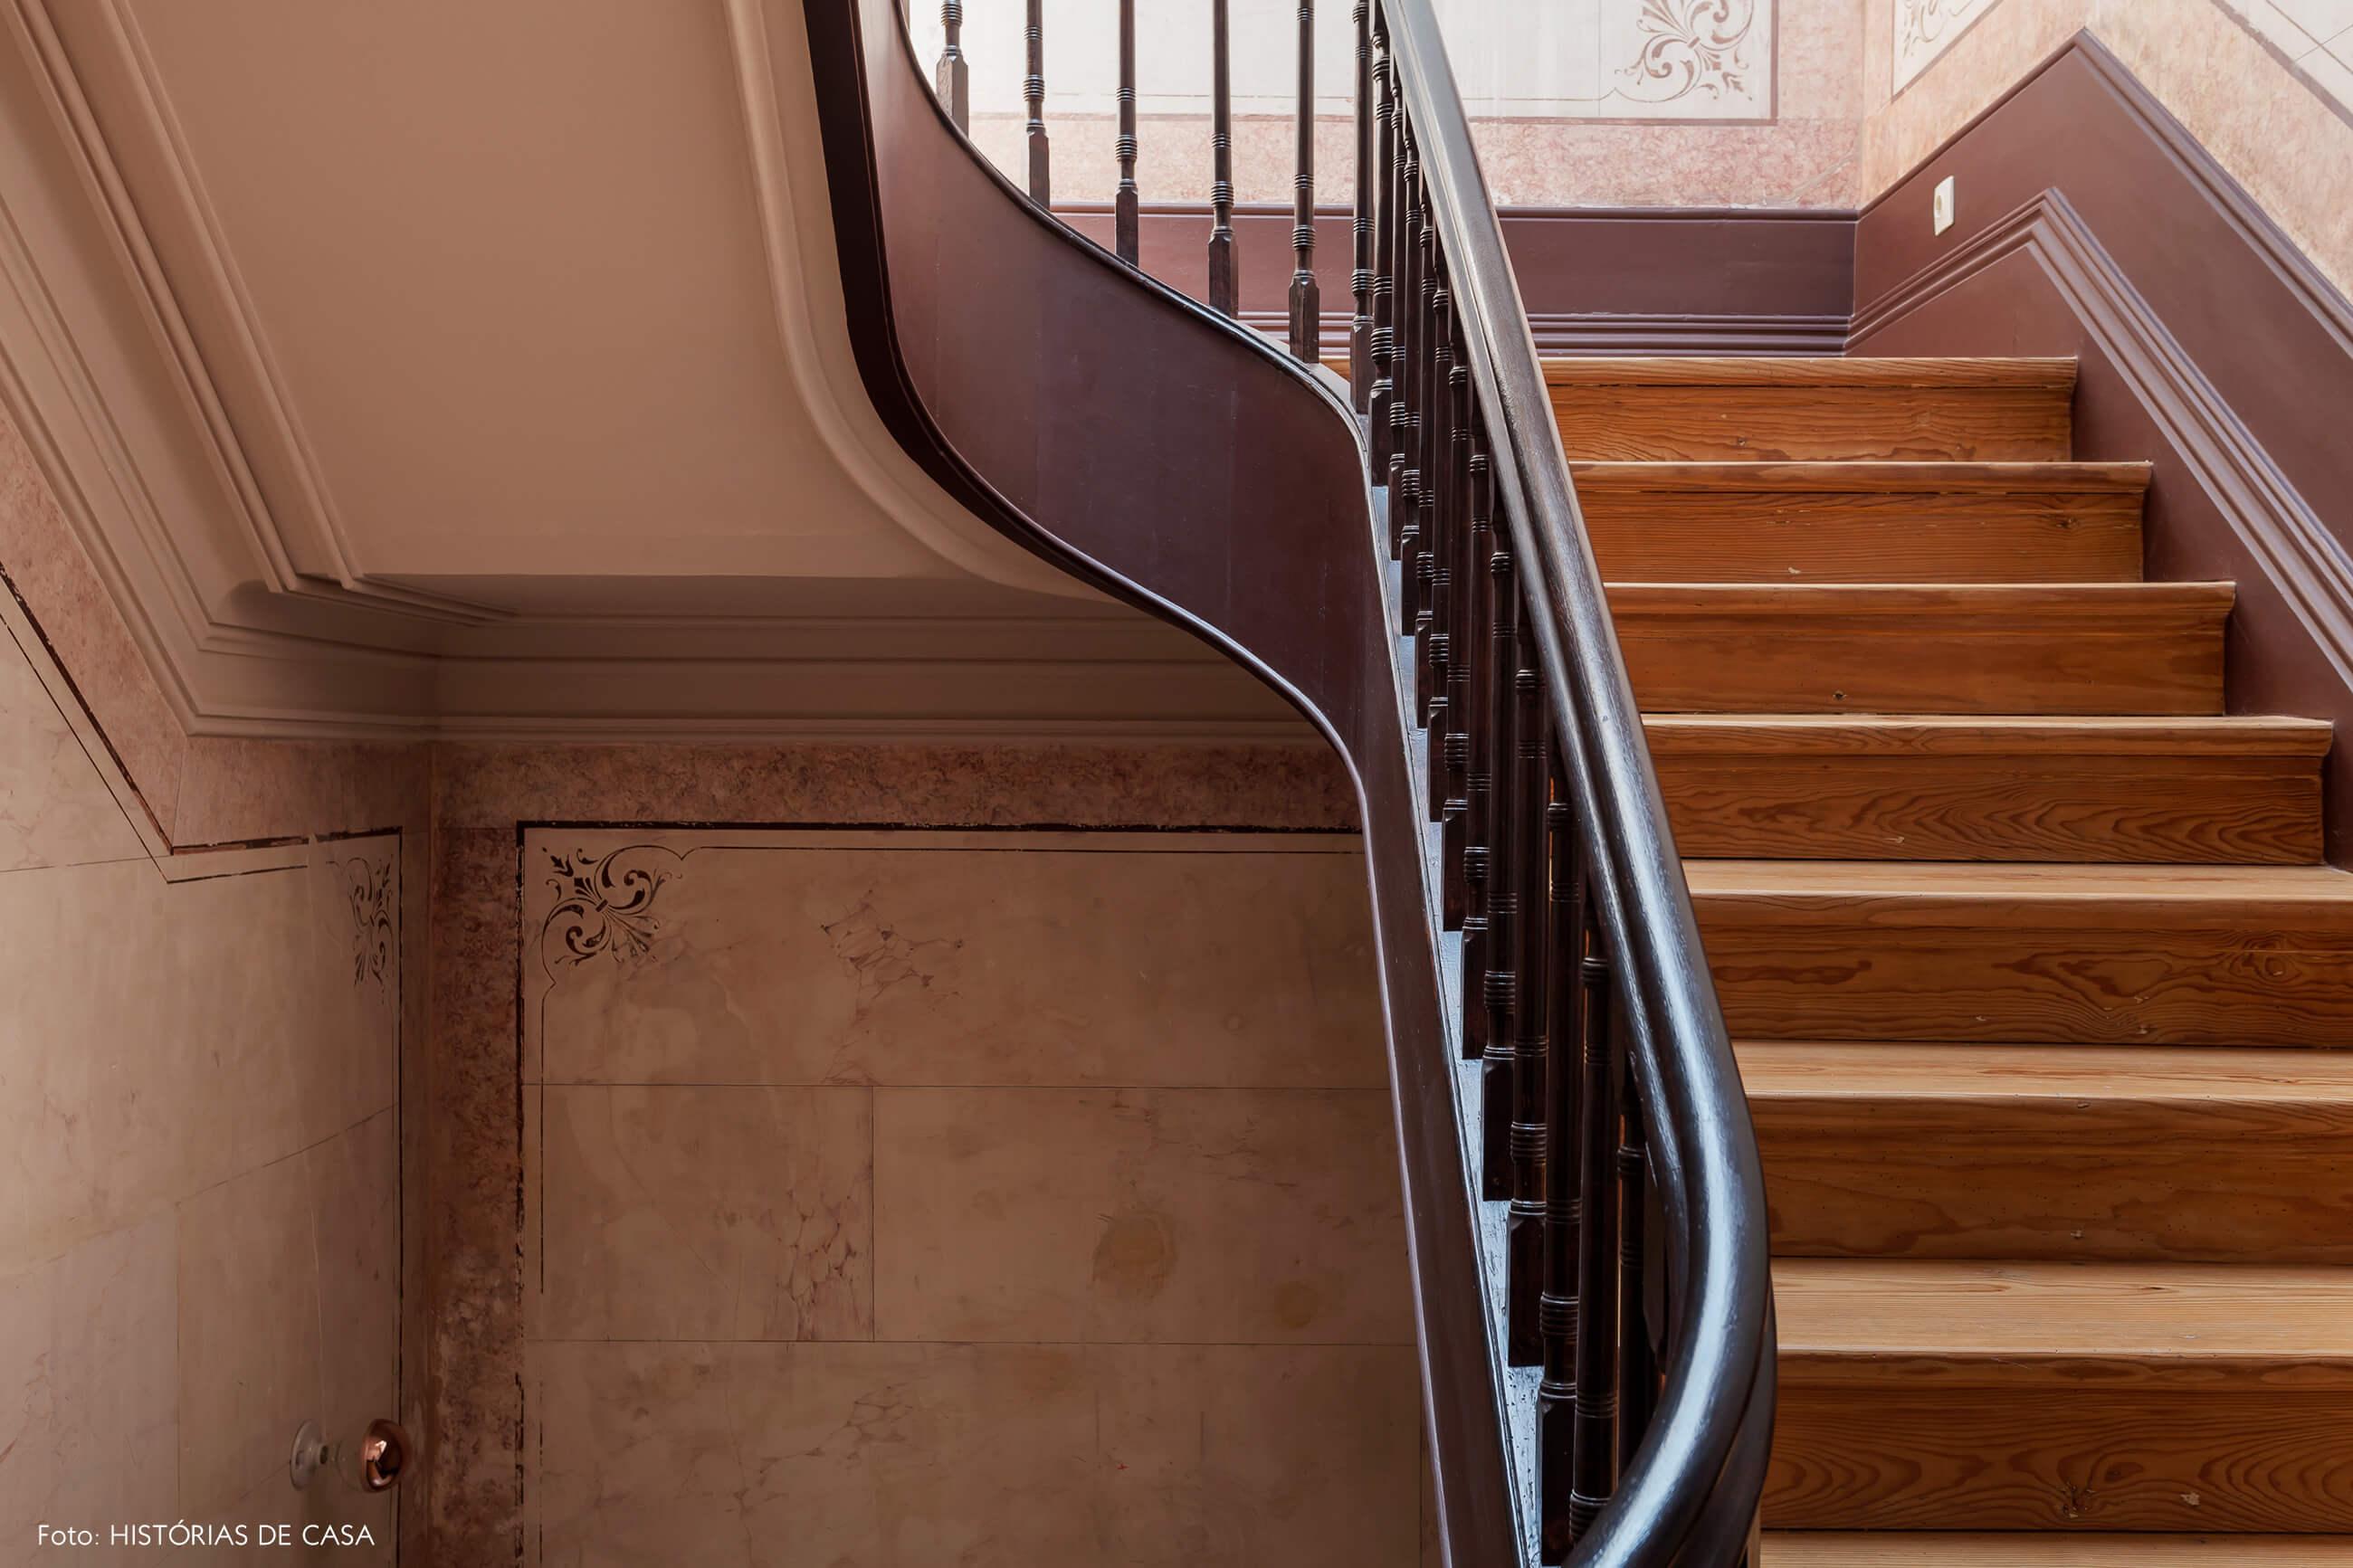 Casa centenária em Portugal com escadaria de madeira